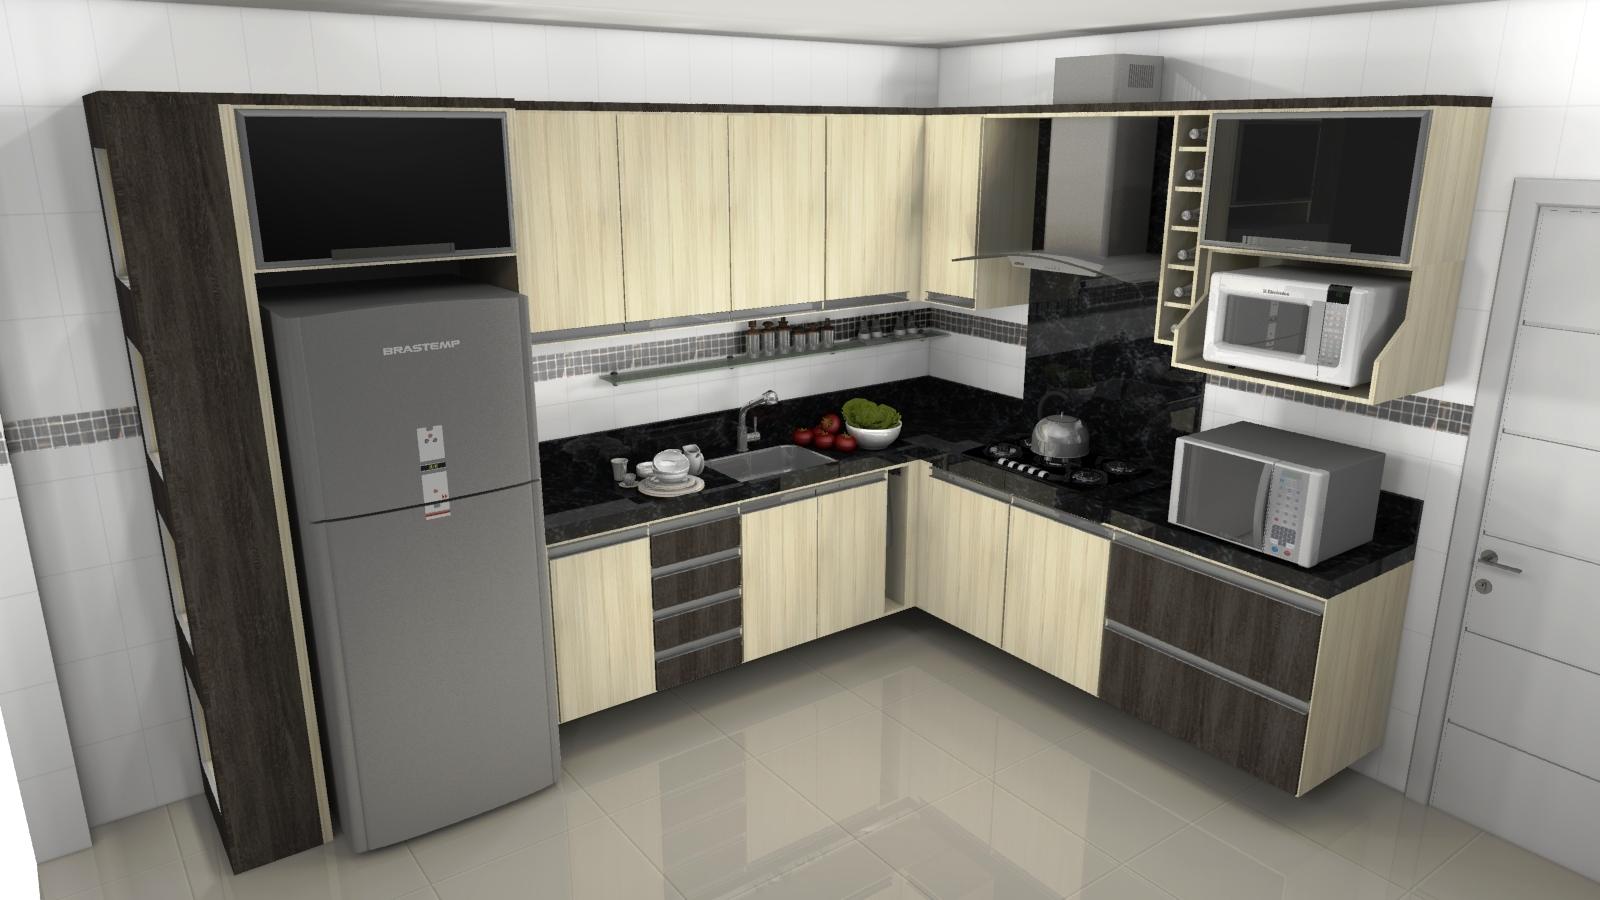 Cozinha planejada para ganho de espaço e beleza Moda e ConfortoModa  #7D714E 1600 900